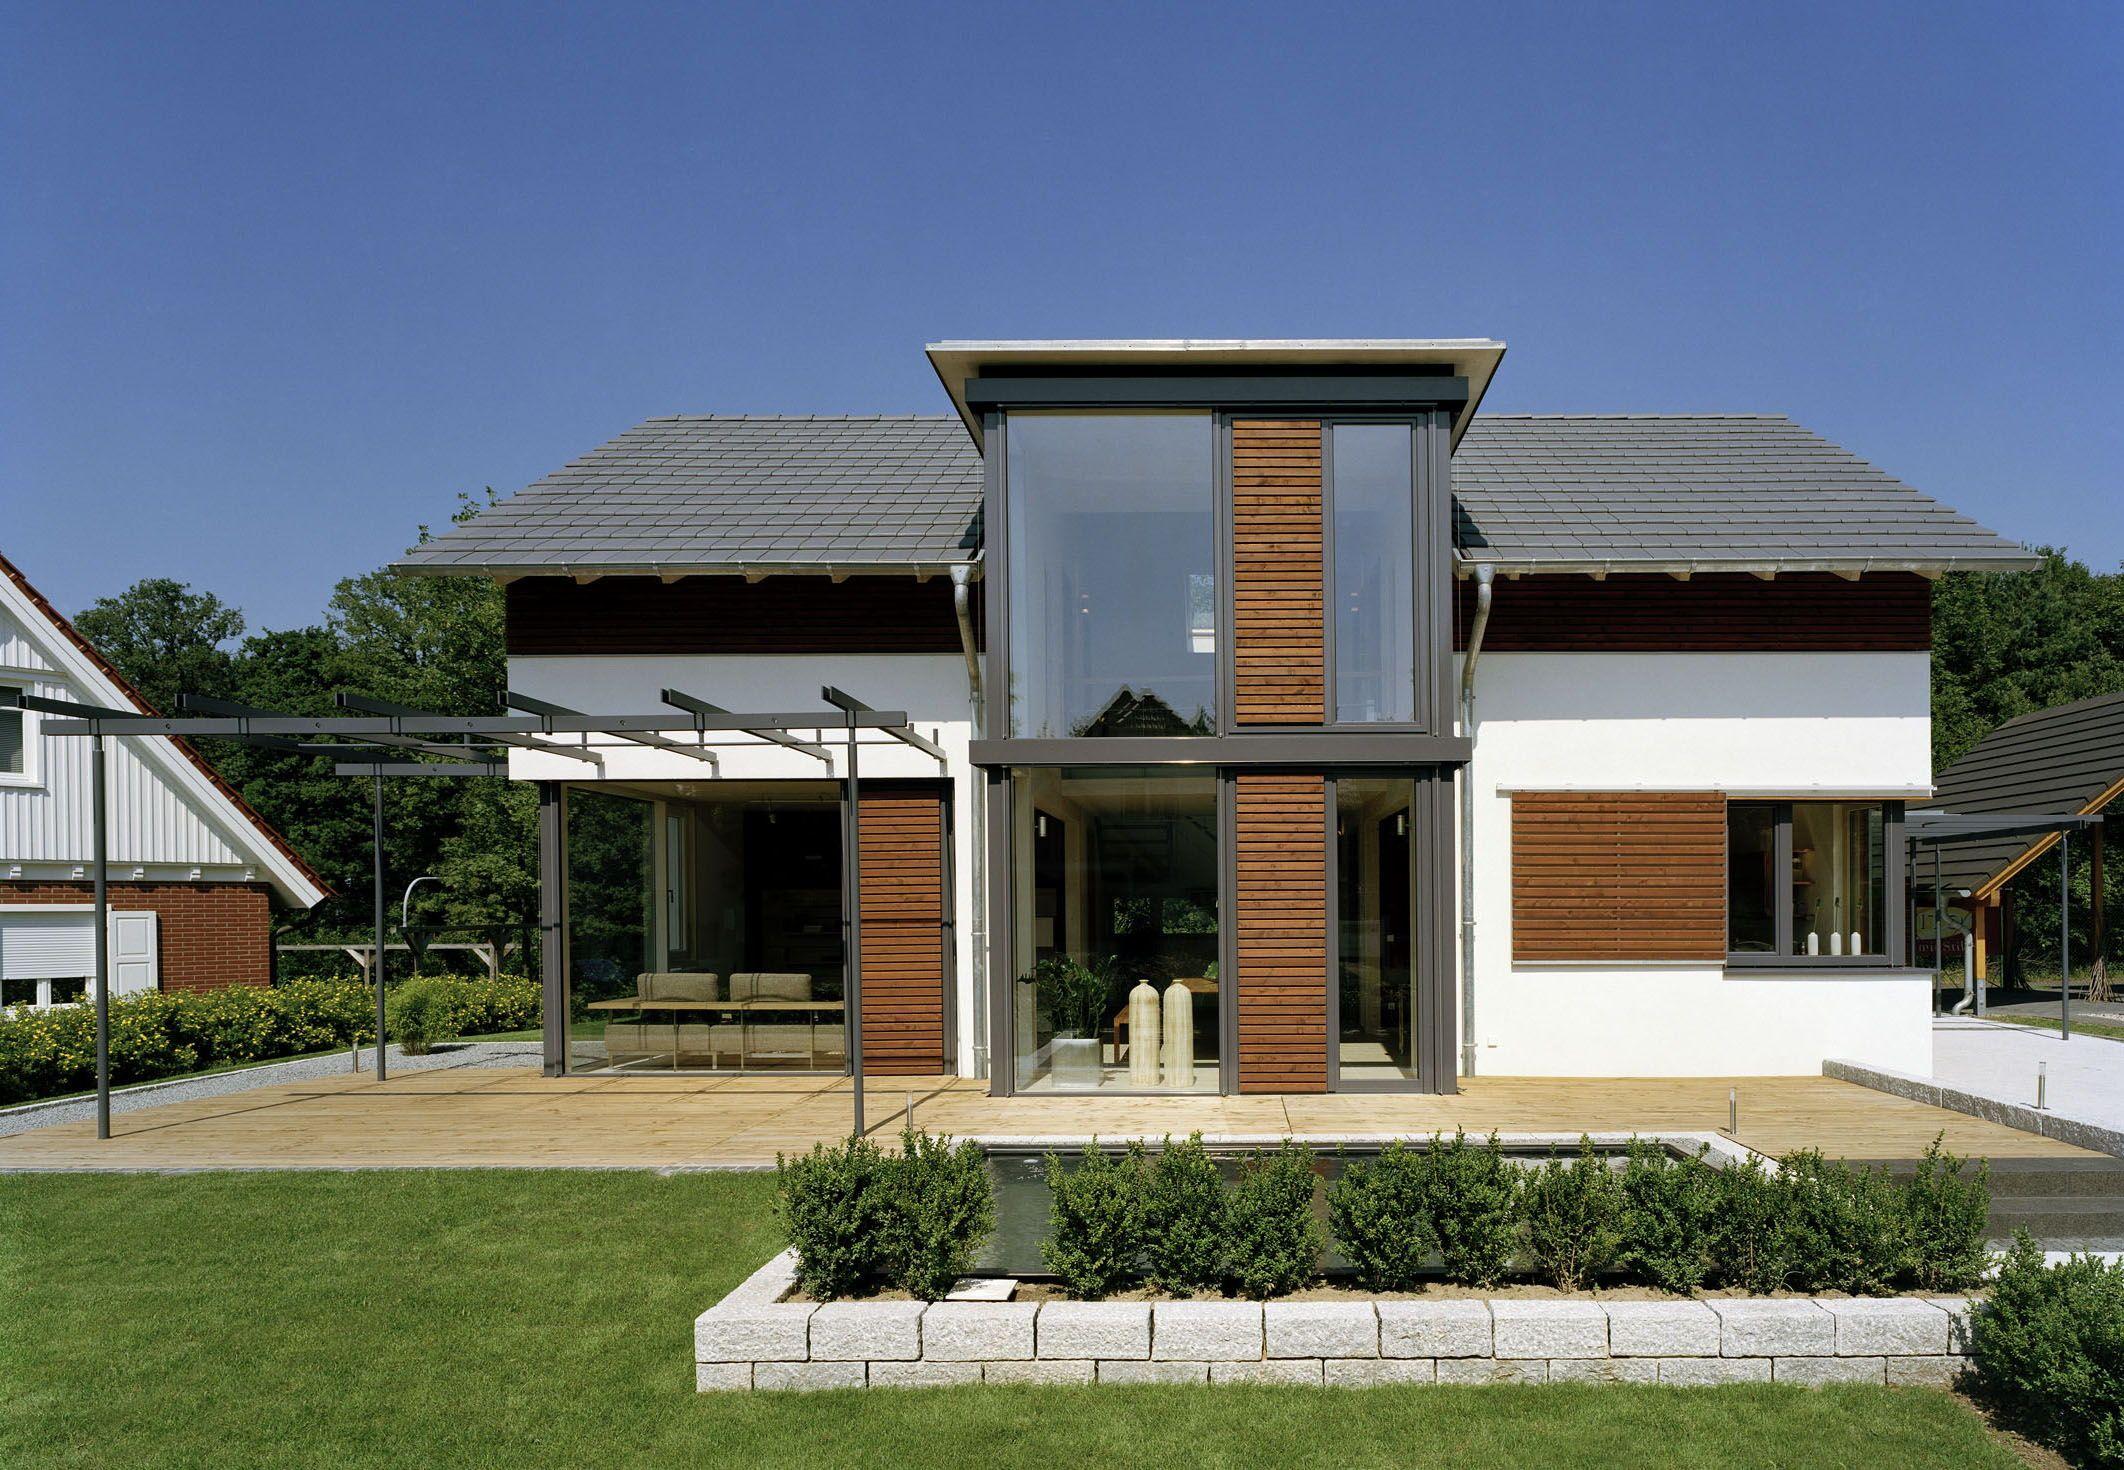 Satteldach Haus modern mit Quergiebel & Holz Putz Fassade